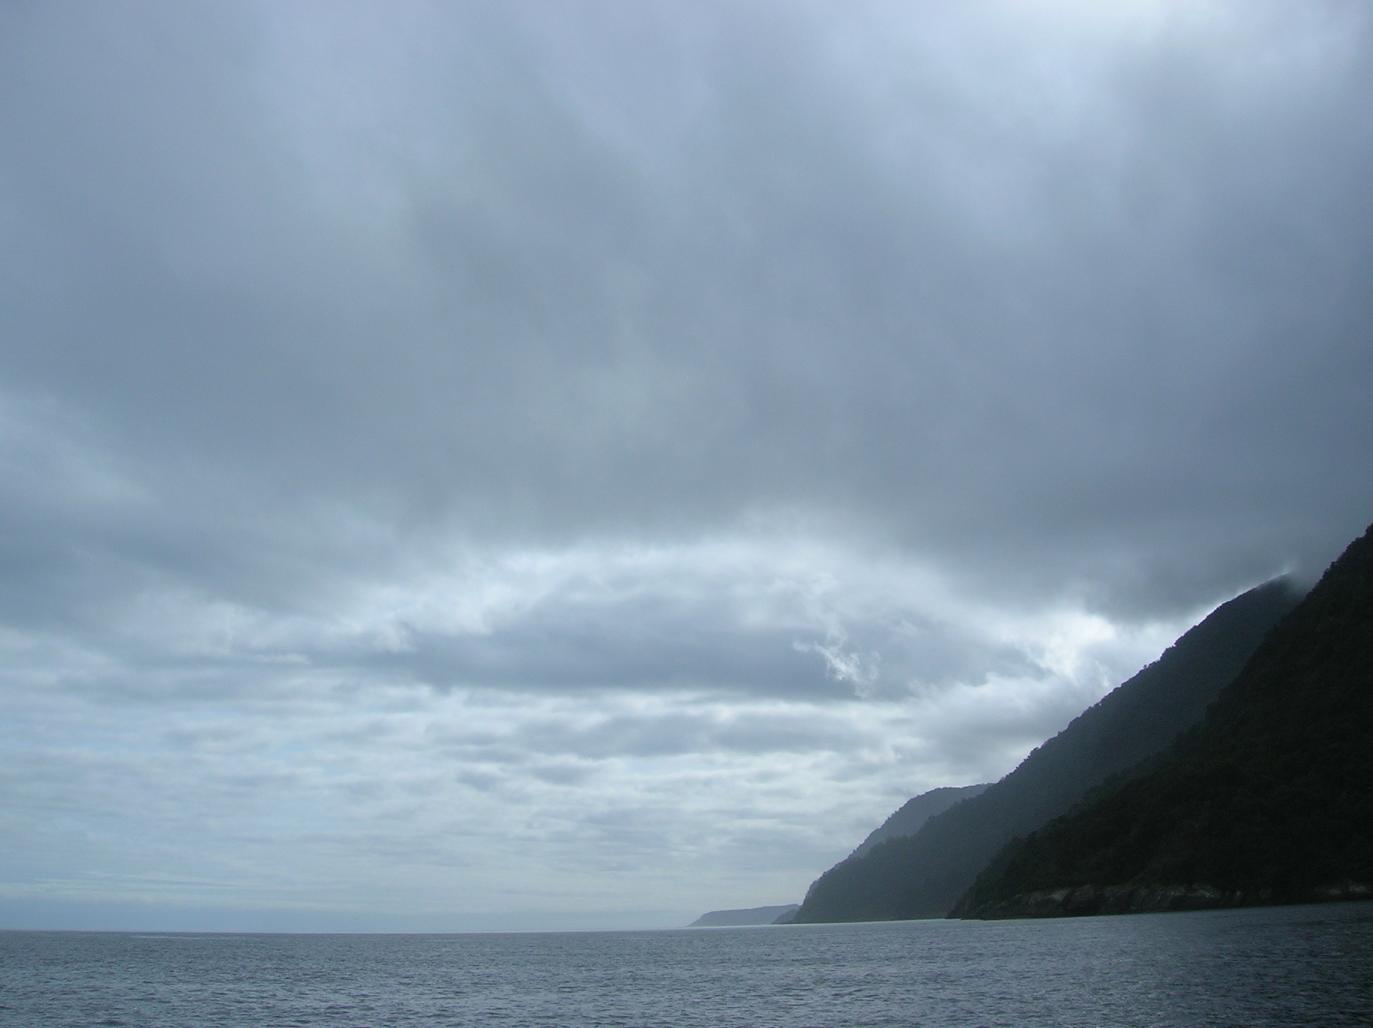 Meine zweite Liebe  … die See *hust*